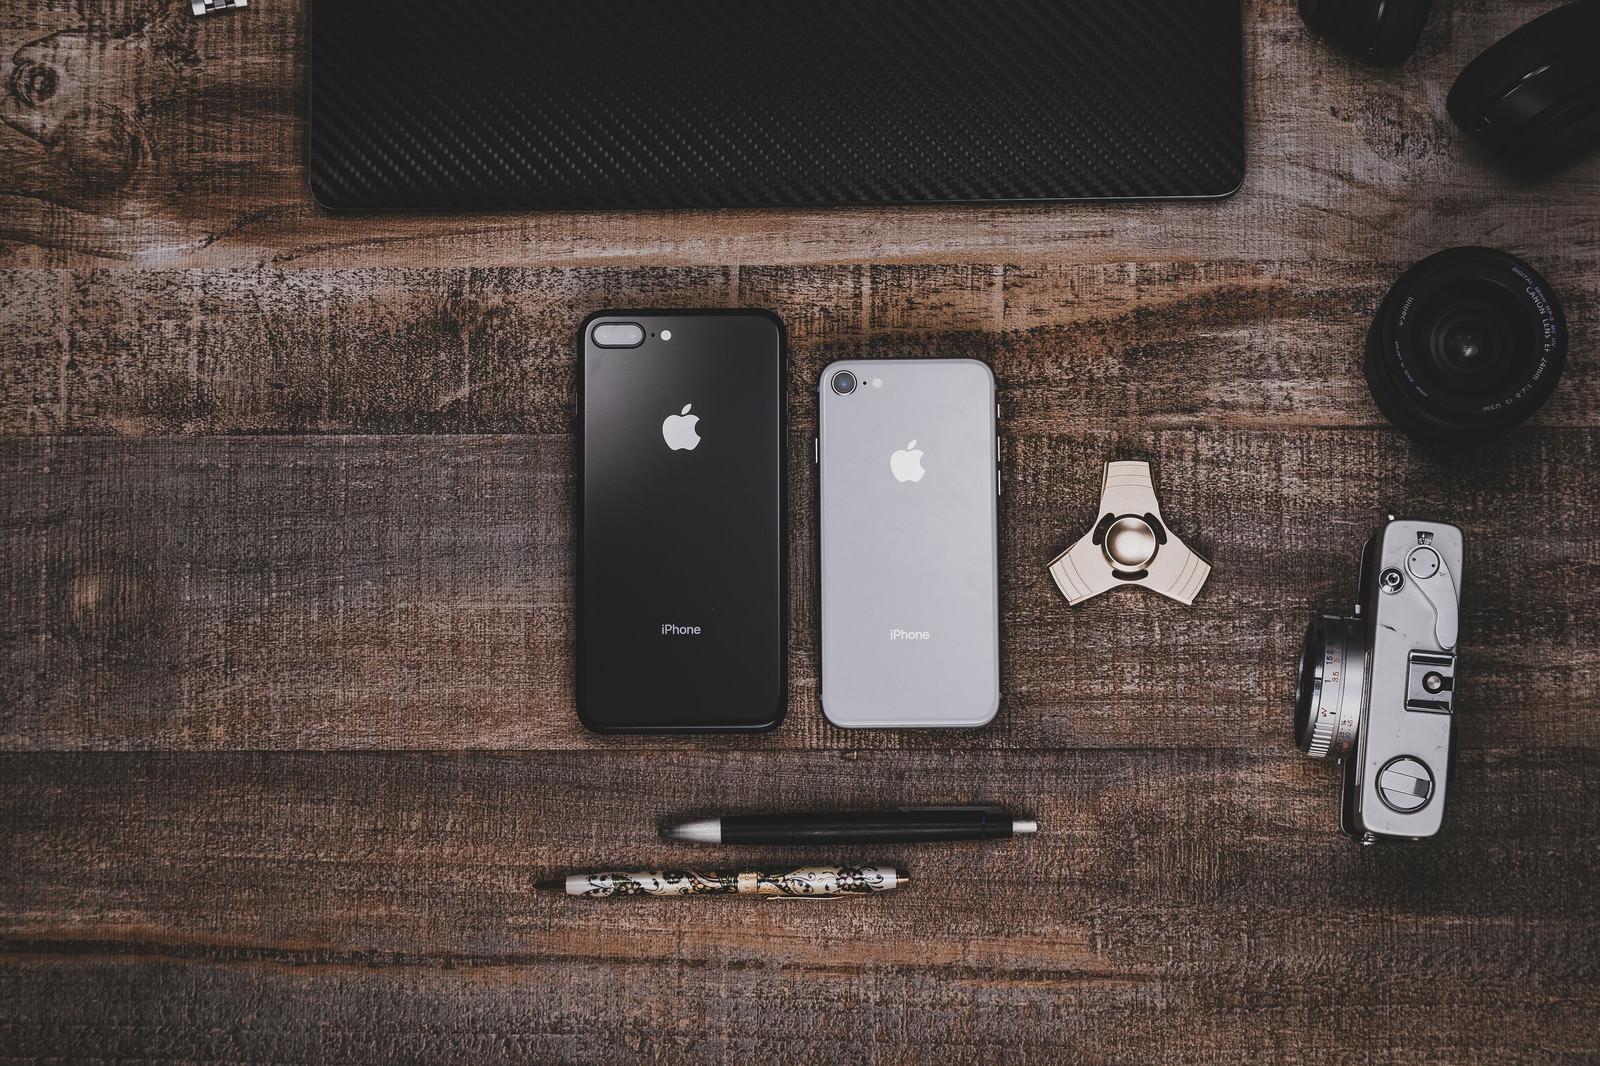 「木目調のテーブルに置かれたiPhoneなど」の写真[モデル:iPhone]